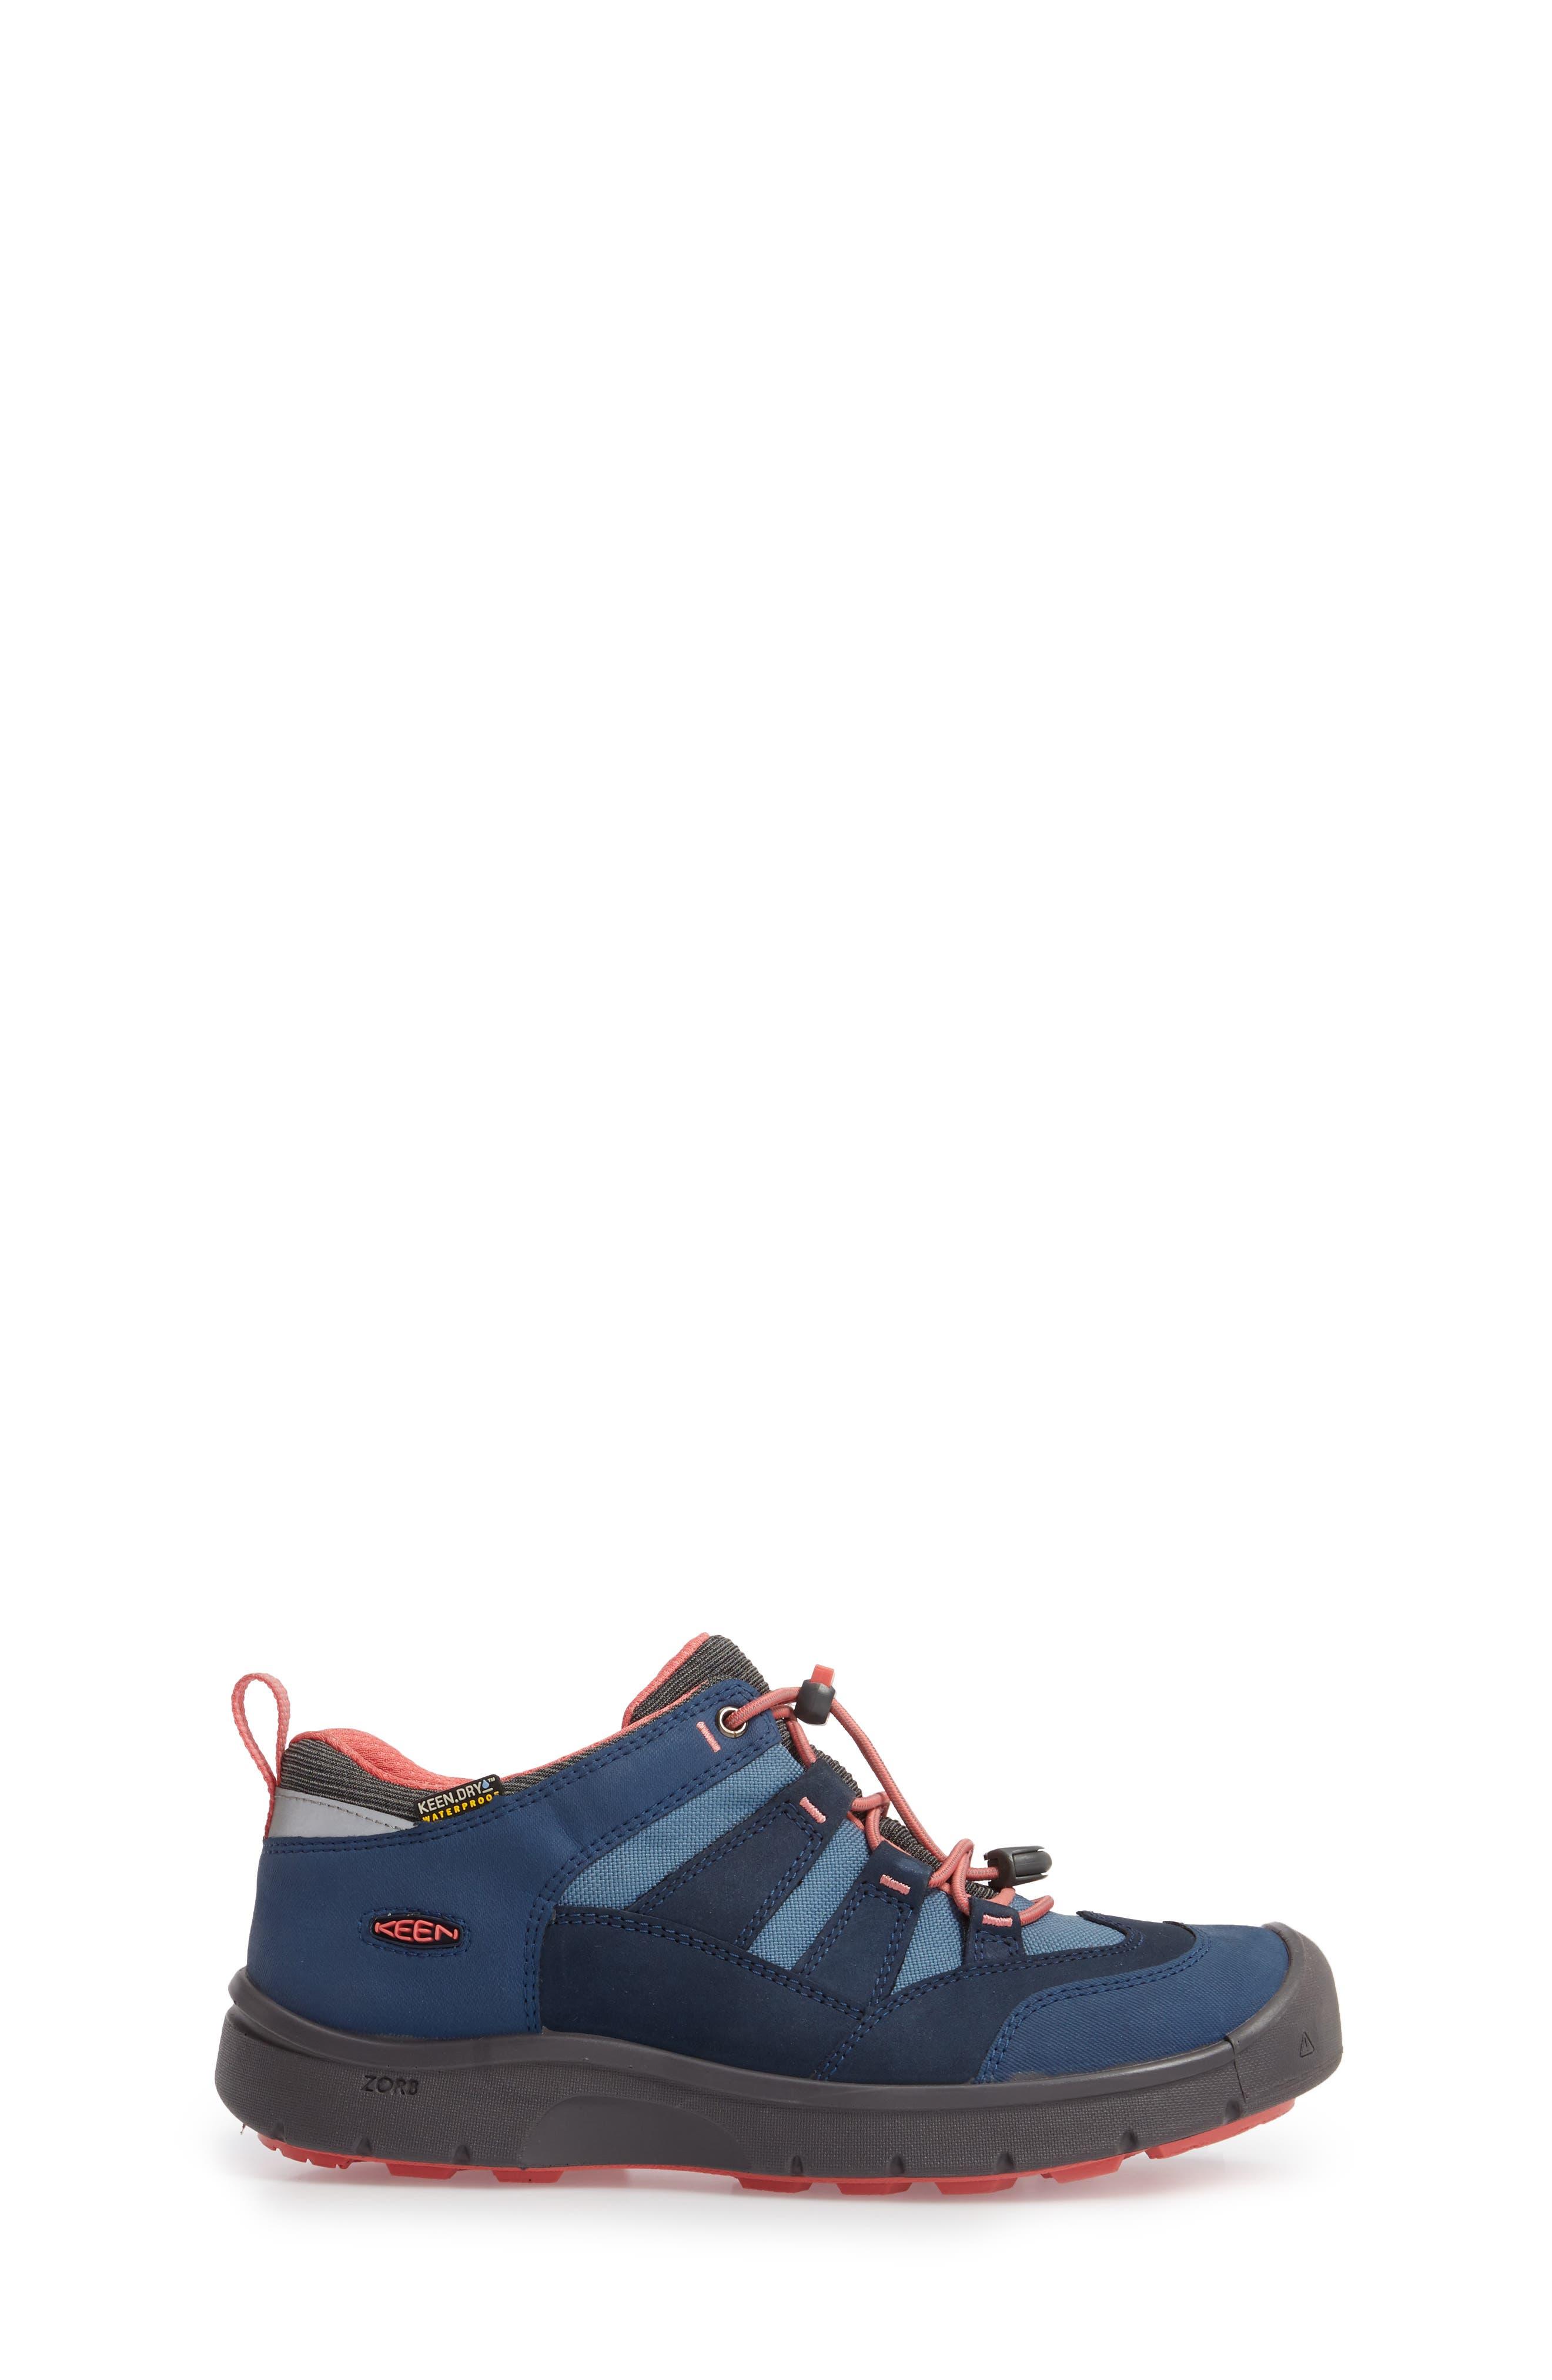 Alternate Image 3  - Keen Hikeport Waterproof Sneaker (Toddler, Little Kid & Big Kid)